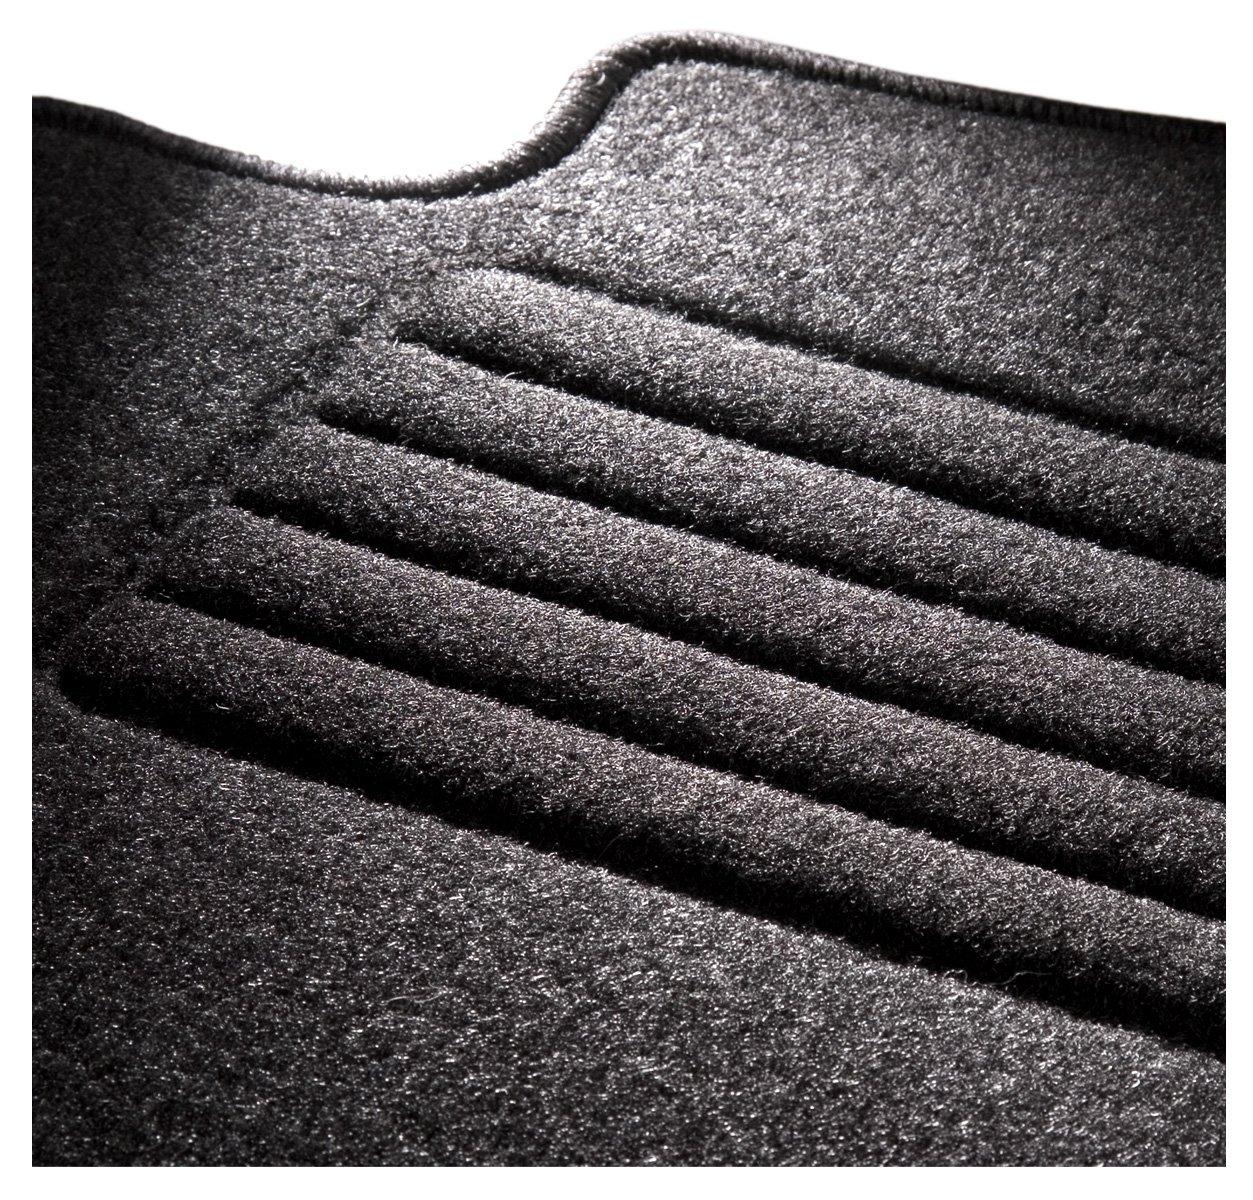 CarFashion 257095 ExquiPlus II Schwarze Hochglanz Kettelung Passform Auto Fussmatten Fussmatte Velours in schwarz anthrazit 4 teiliges Auto Fussmatten Set mit Mattenhalter